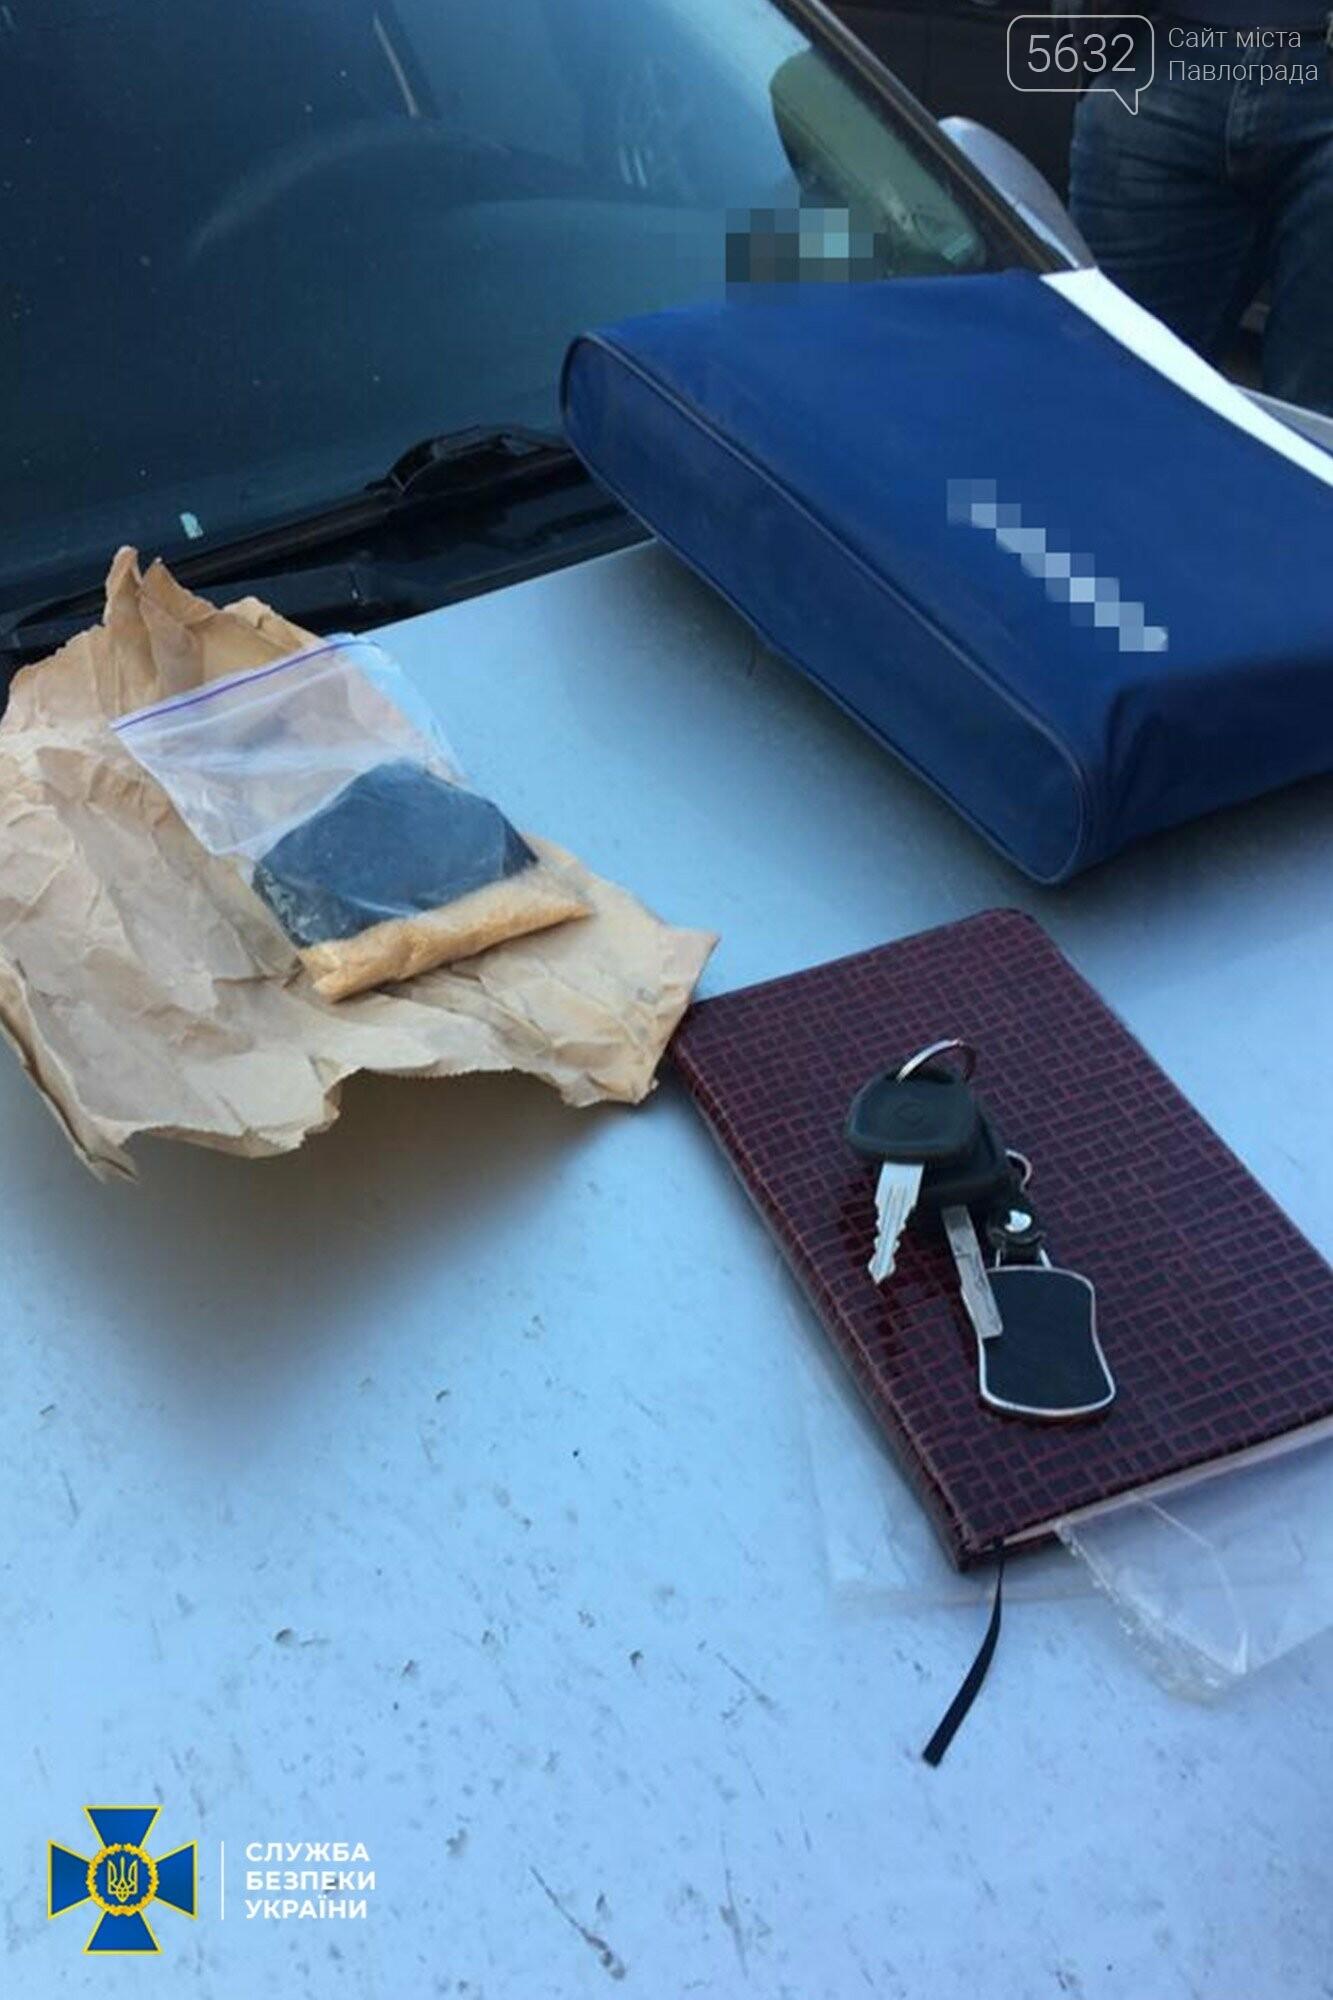 В Павлограде сотрудники СБУ разоблачили полицейских, которые продавали наркотики, фото-5